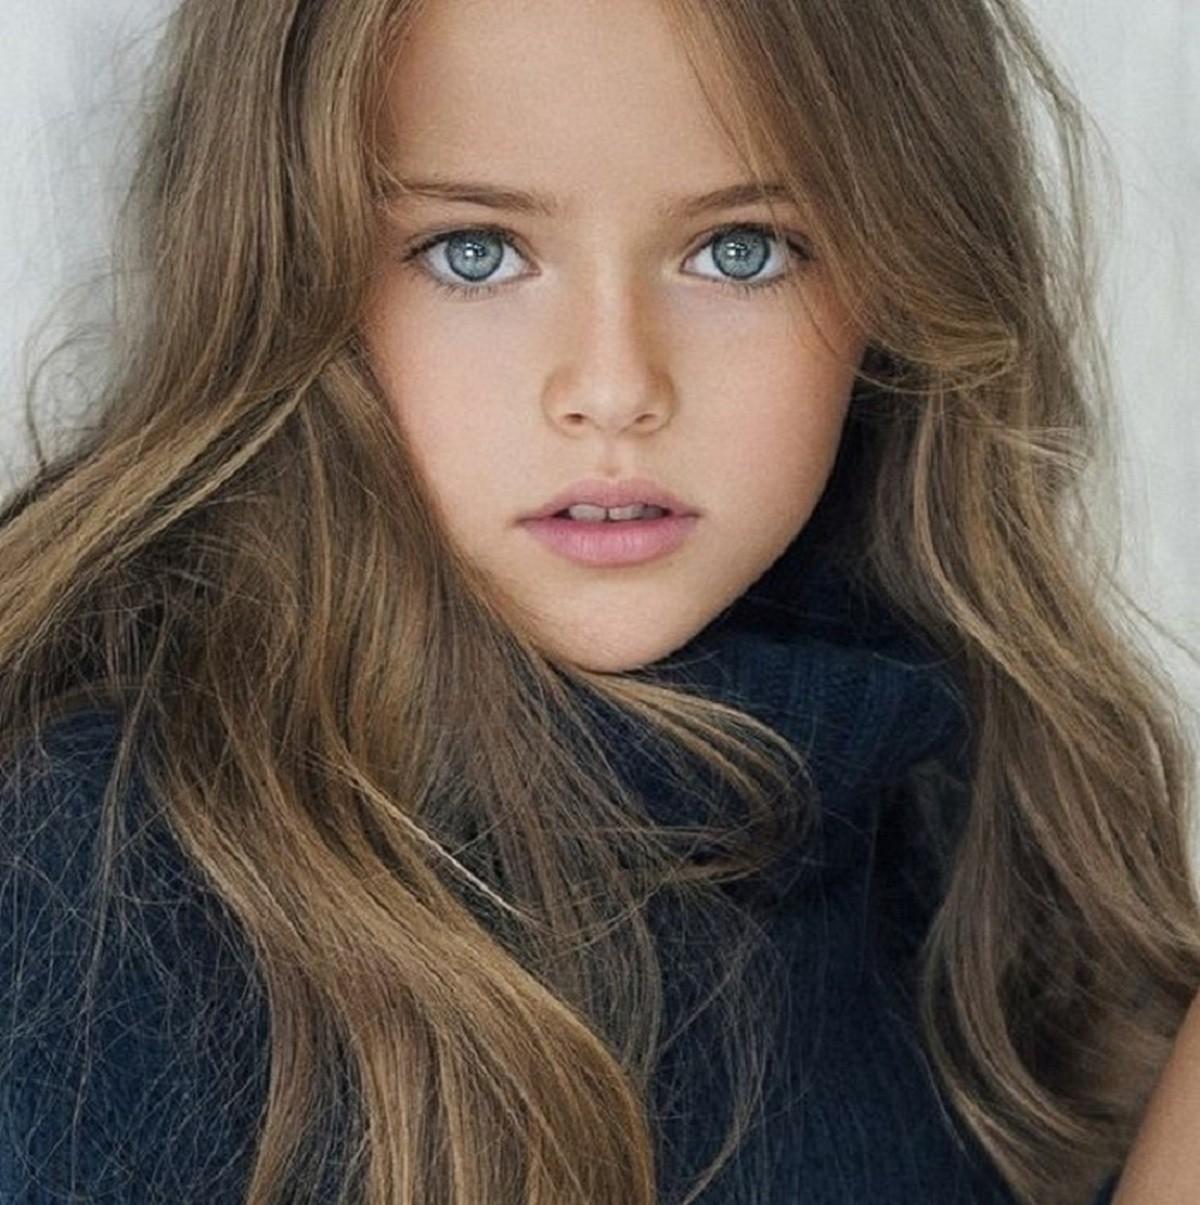 Эту девочку называли самой красивой в мире – посмотрите на нее сейчас! Как она изменилась!